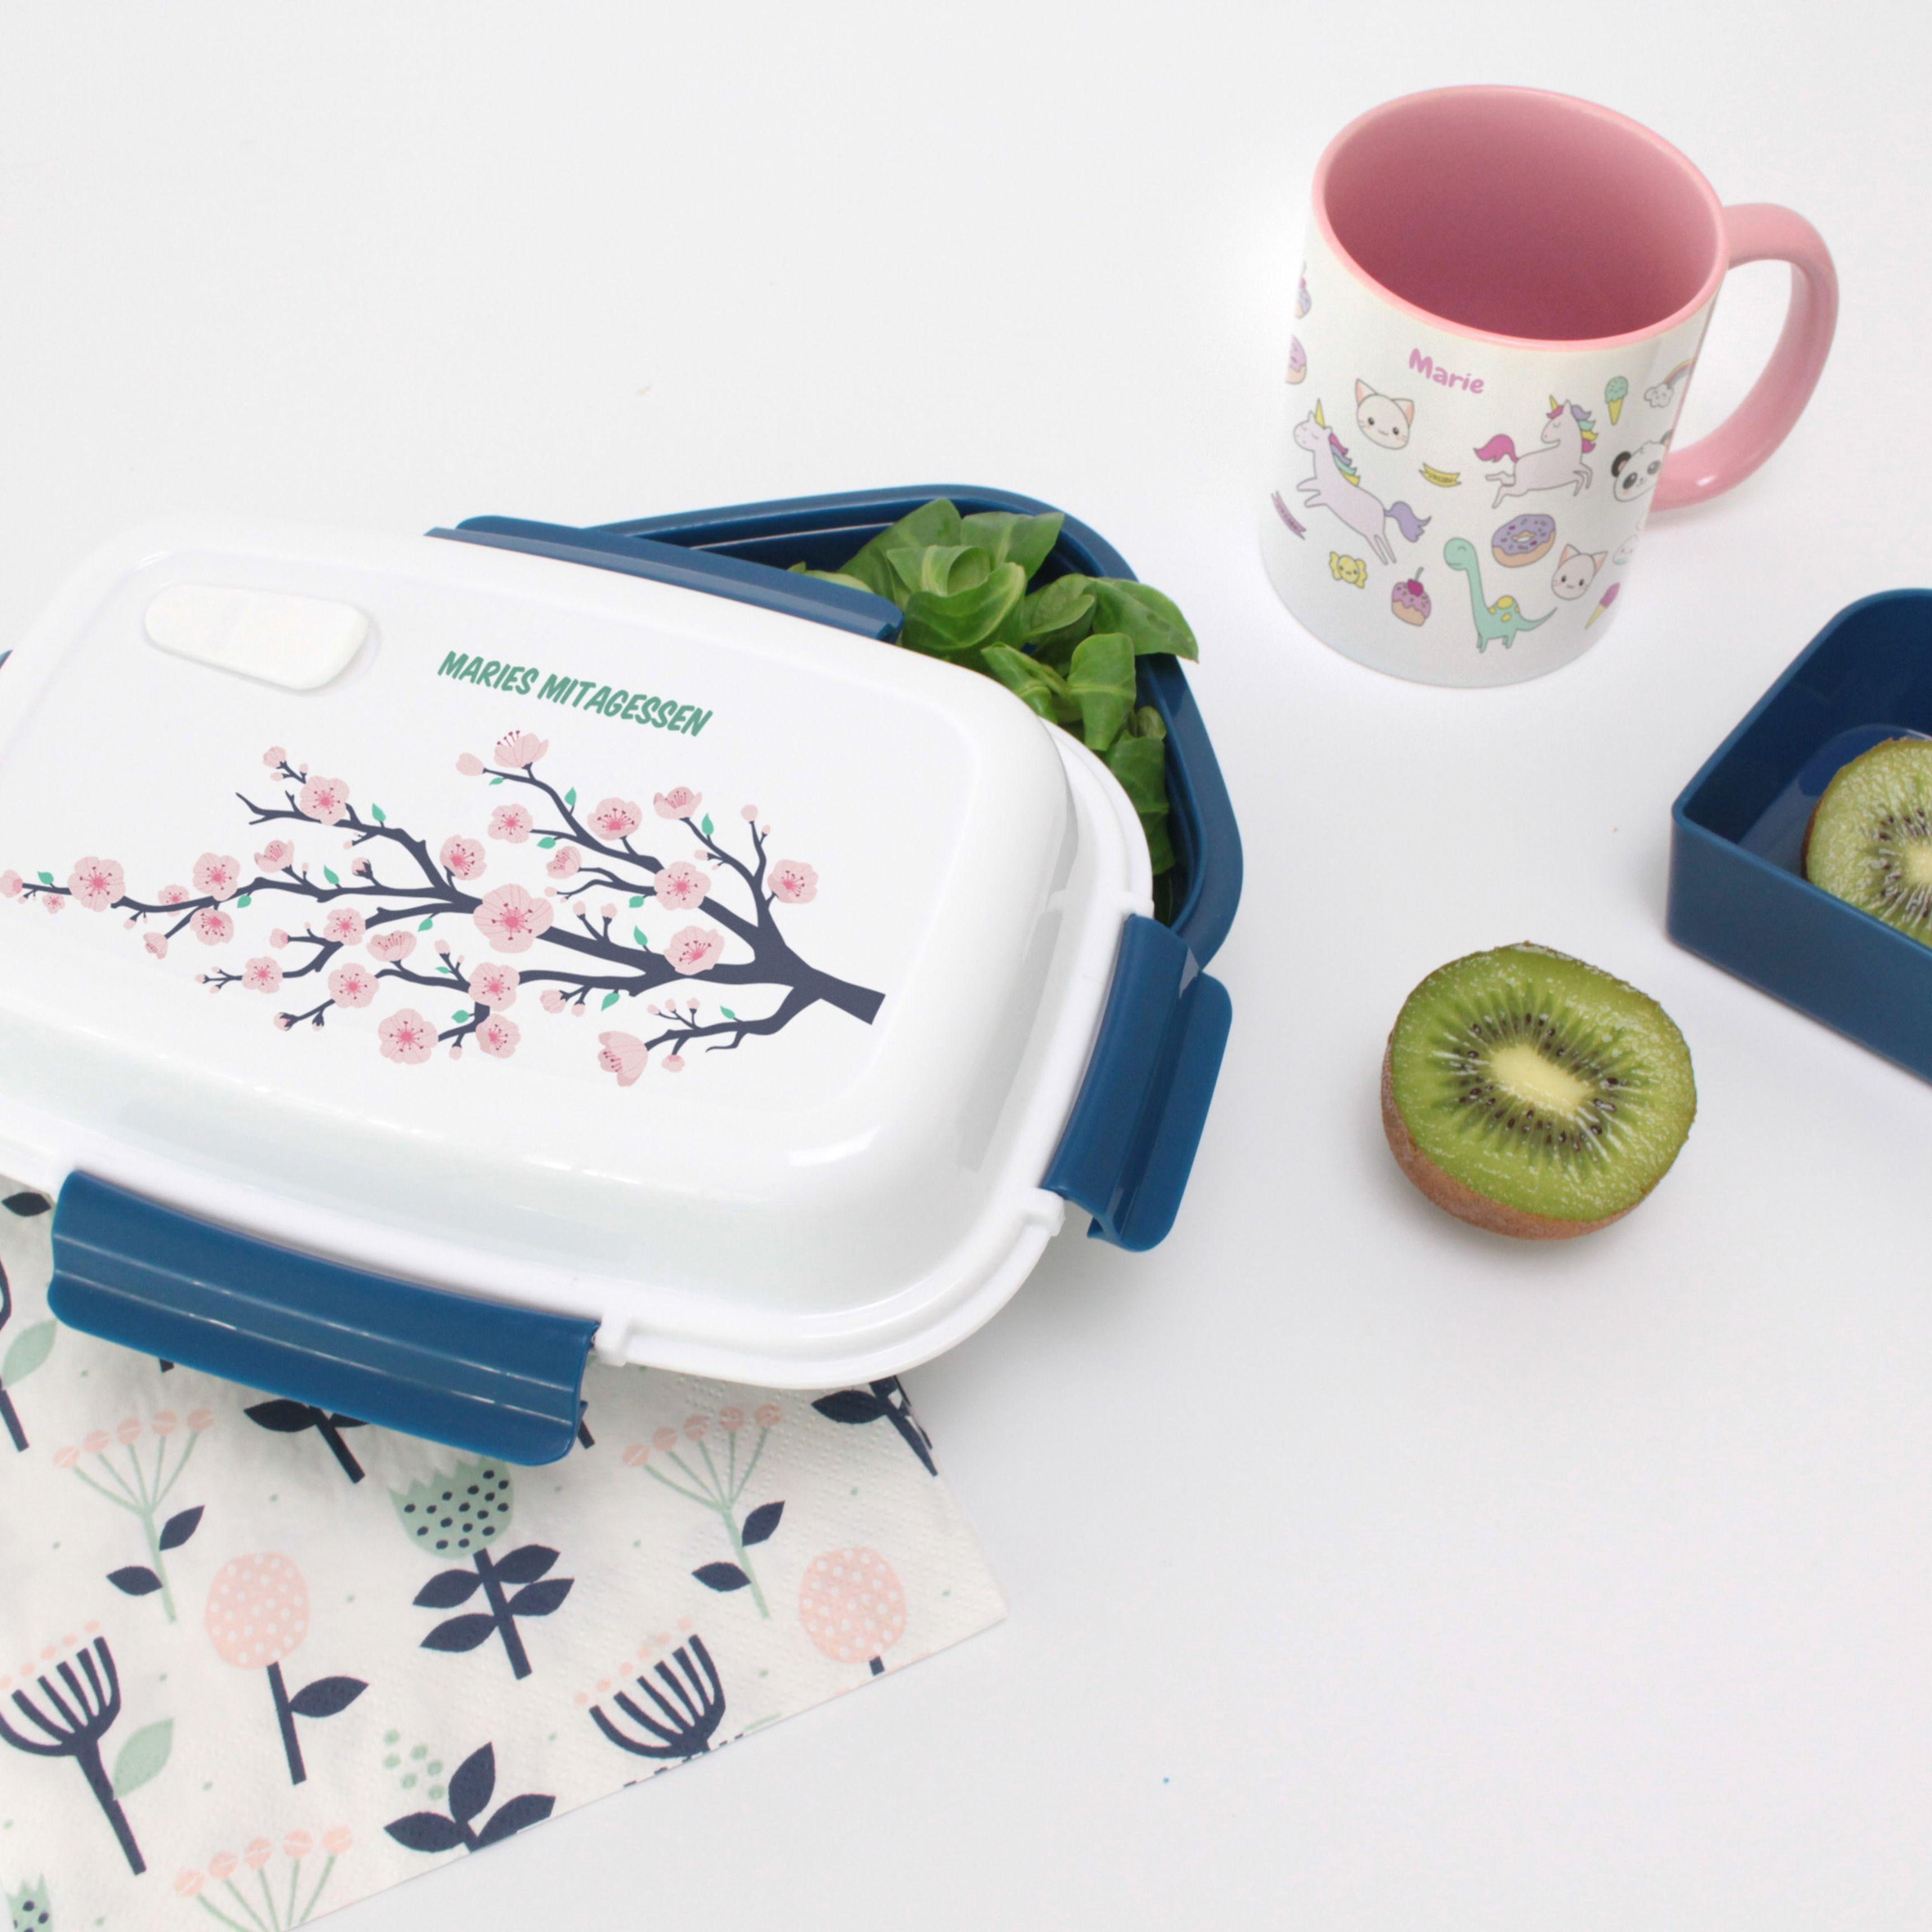 Personalisierte Brotdose Kirschbaum  – Unsere personalisierten Brotdosen ohne BPA